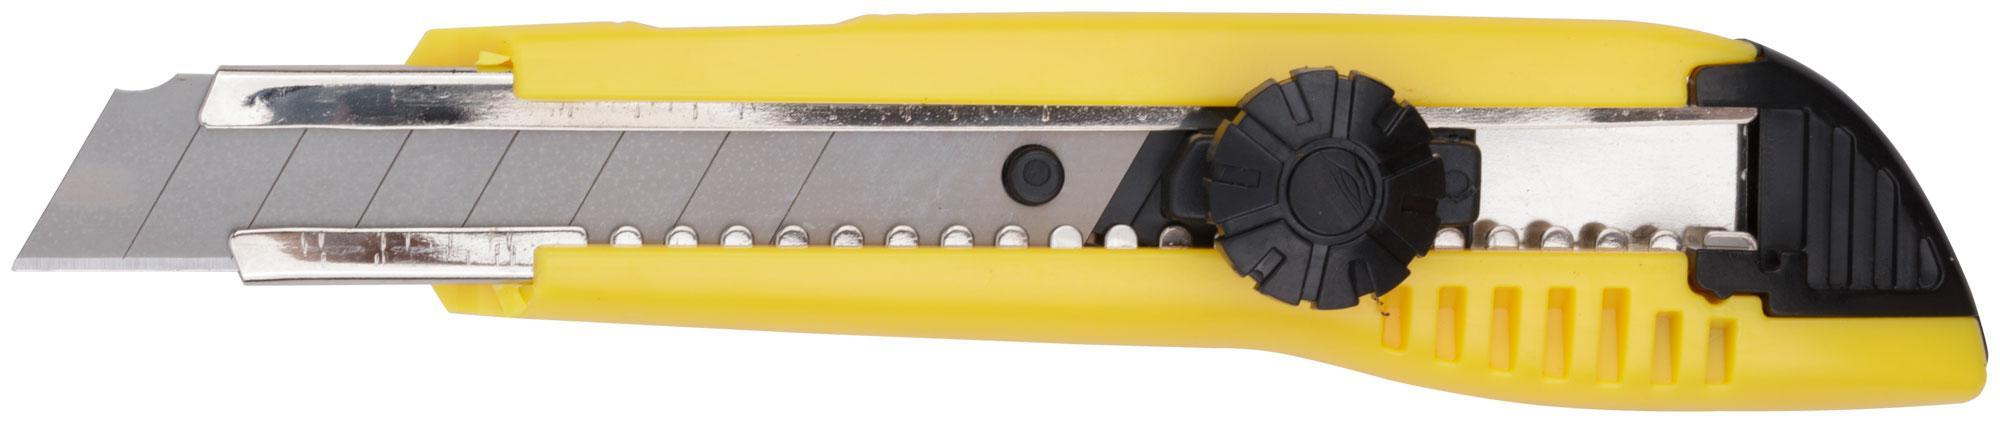 Нож строительный Fit 10242 строительный нож fit it 10622